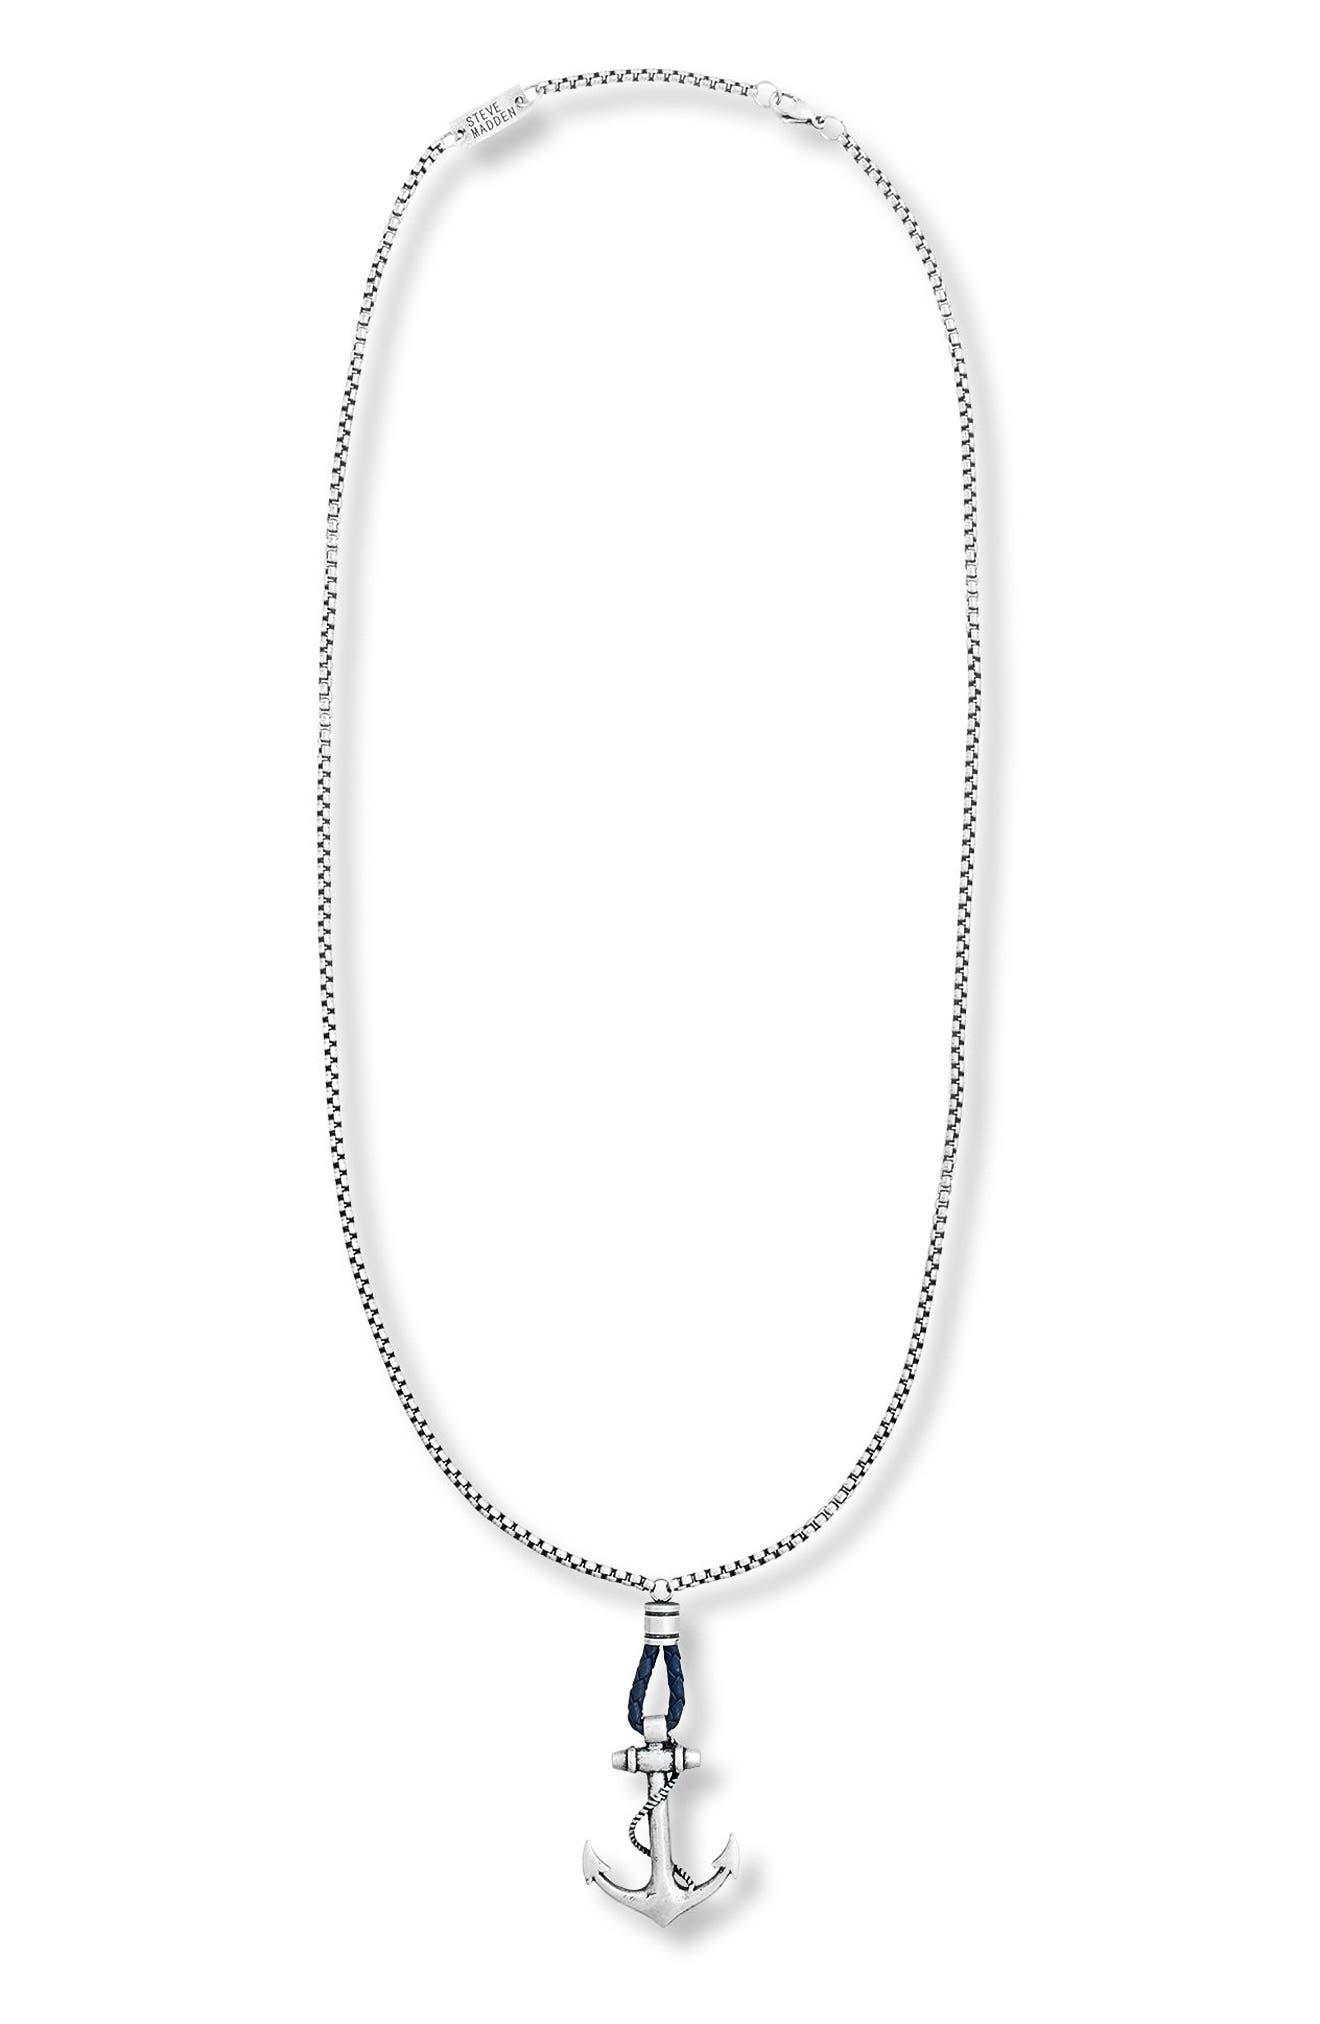 Oxidized Anchor Pendant Necklace,                         Main,                         color, Blue